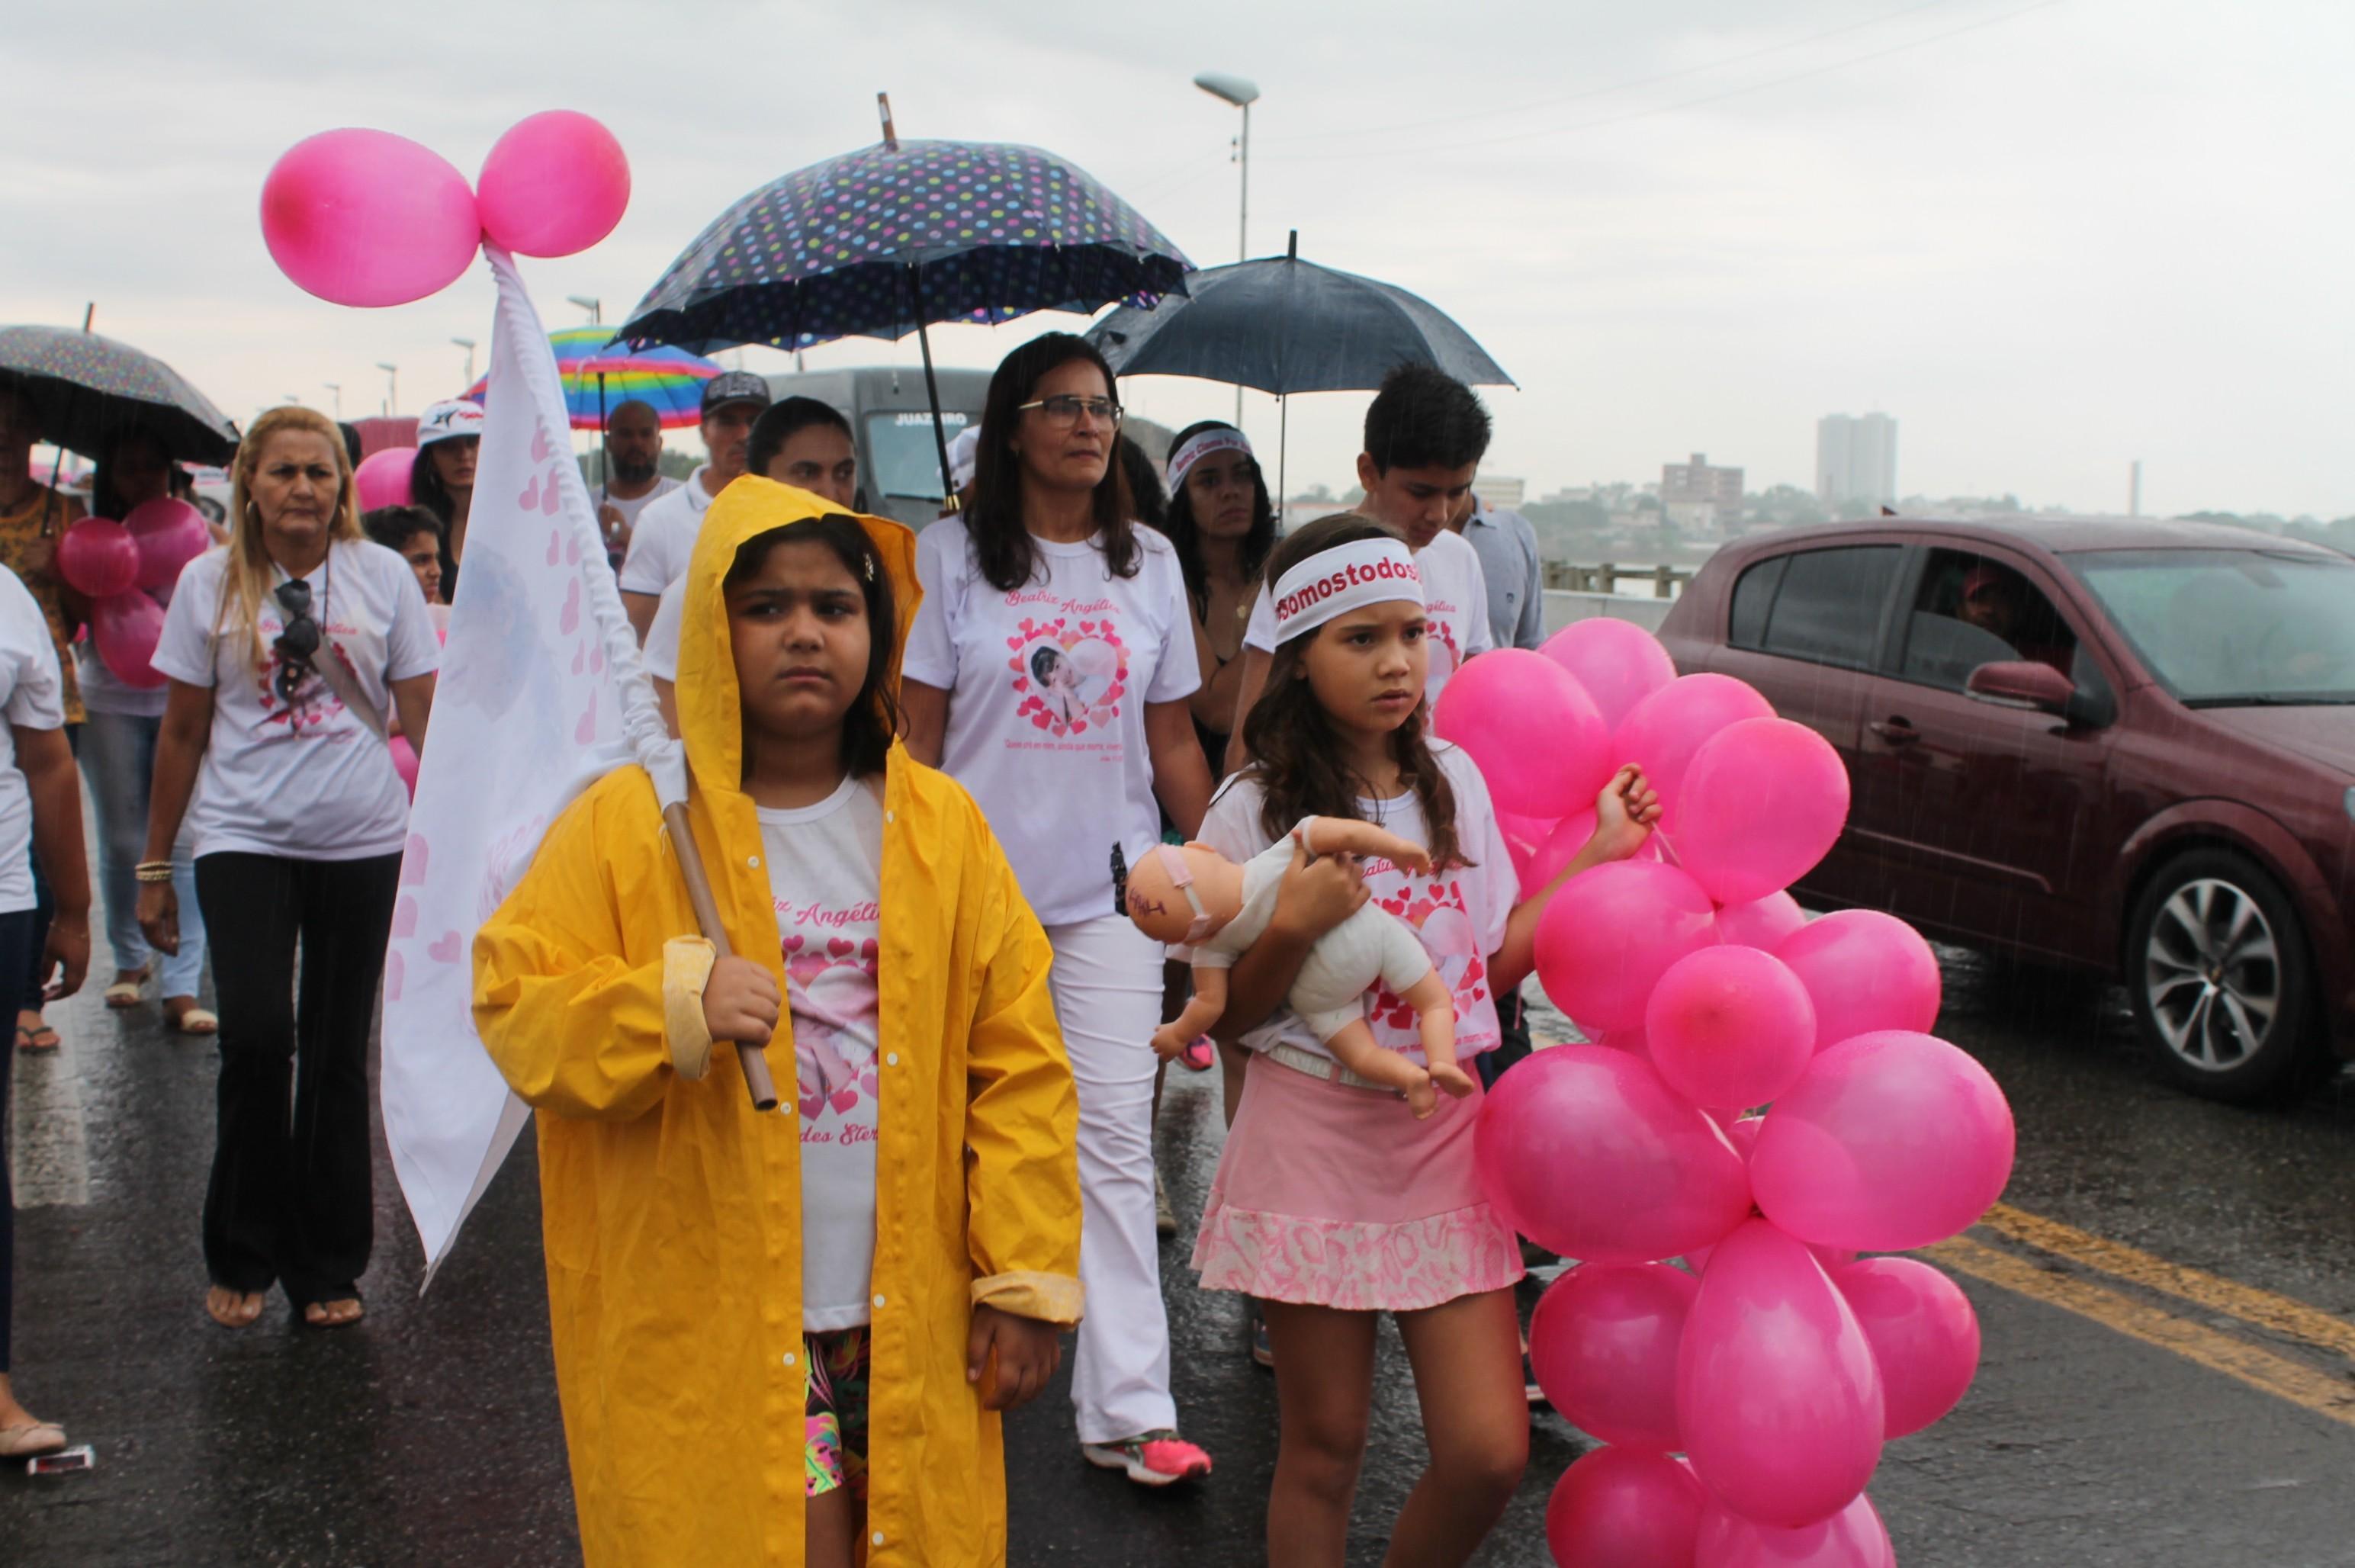 Sob chuva, amigos e familiares de Beatriz vão às ruas para lembrar os dois anos da morte da menina e pedir solução